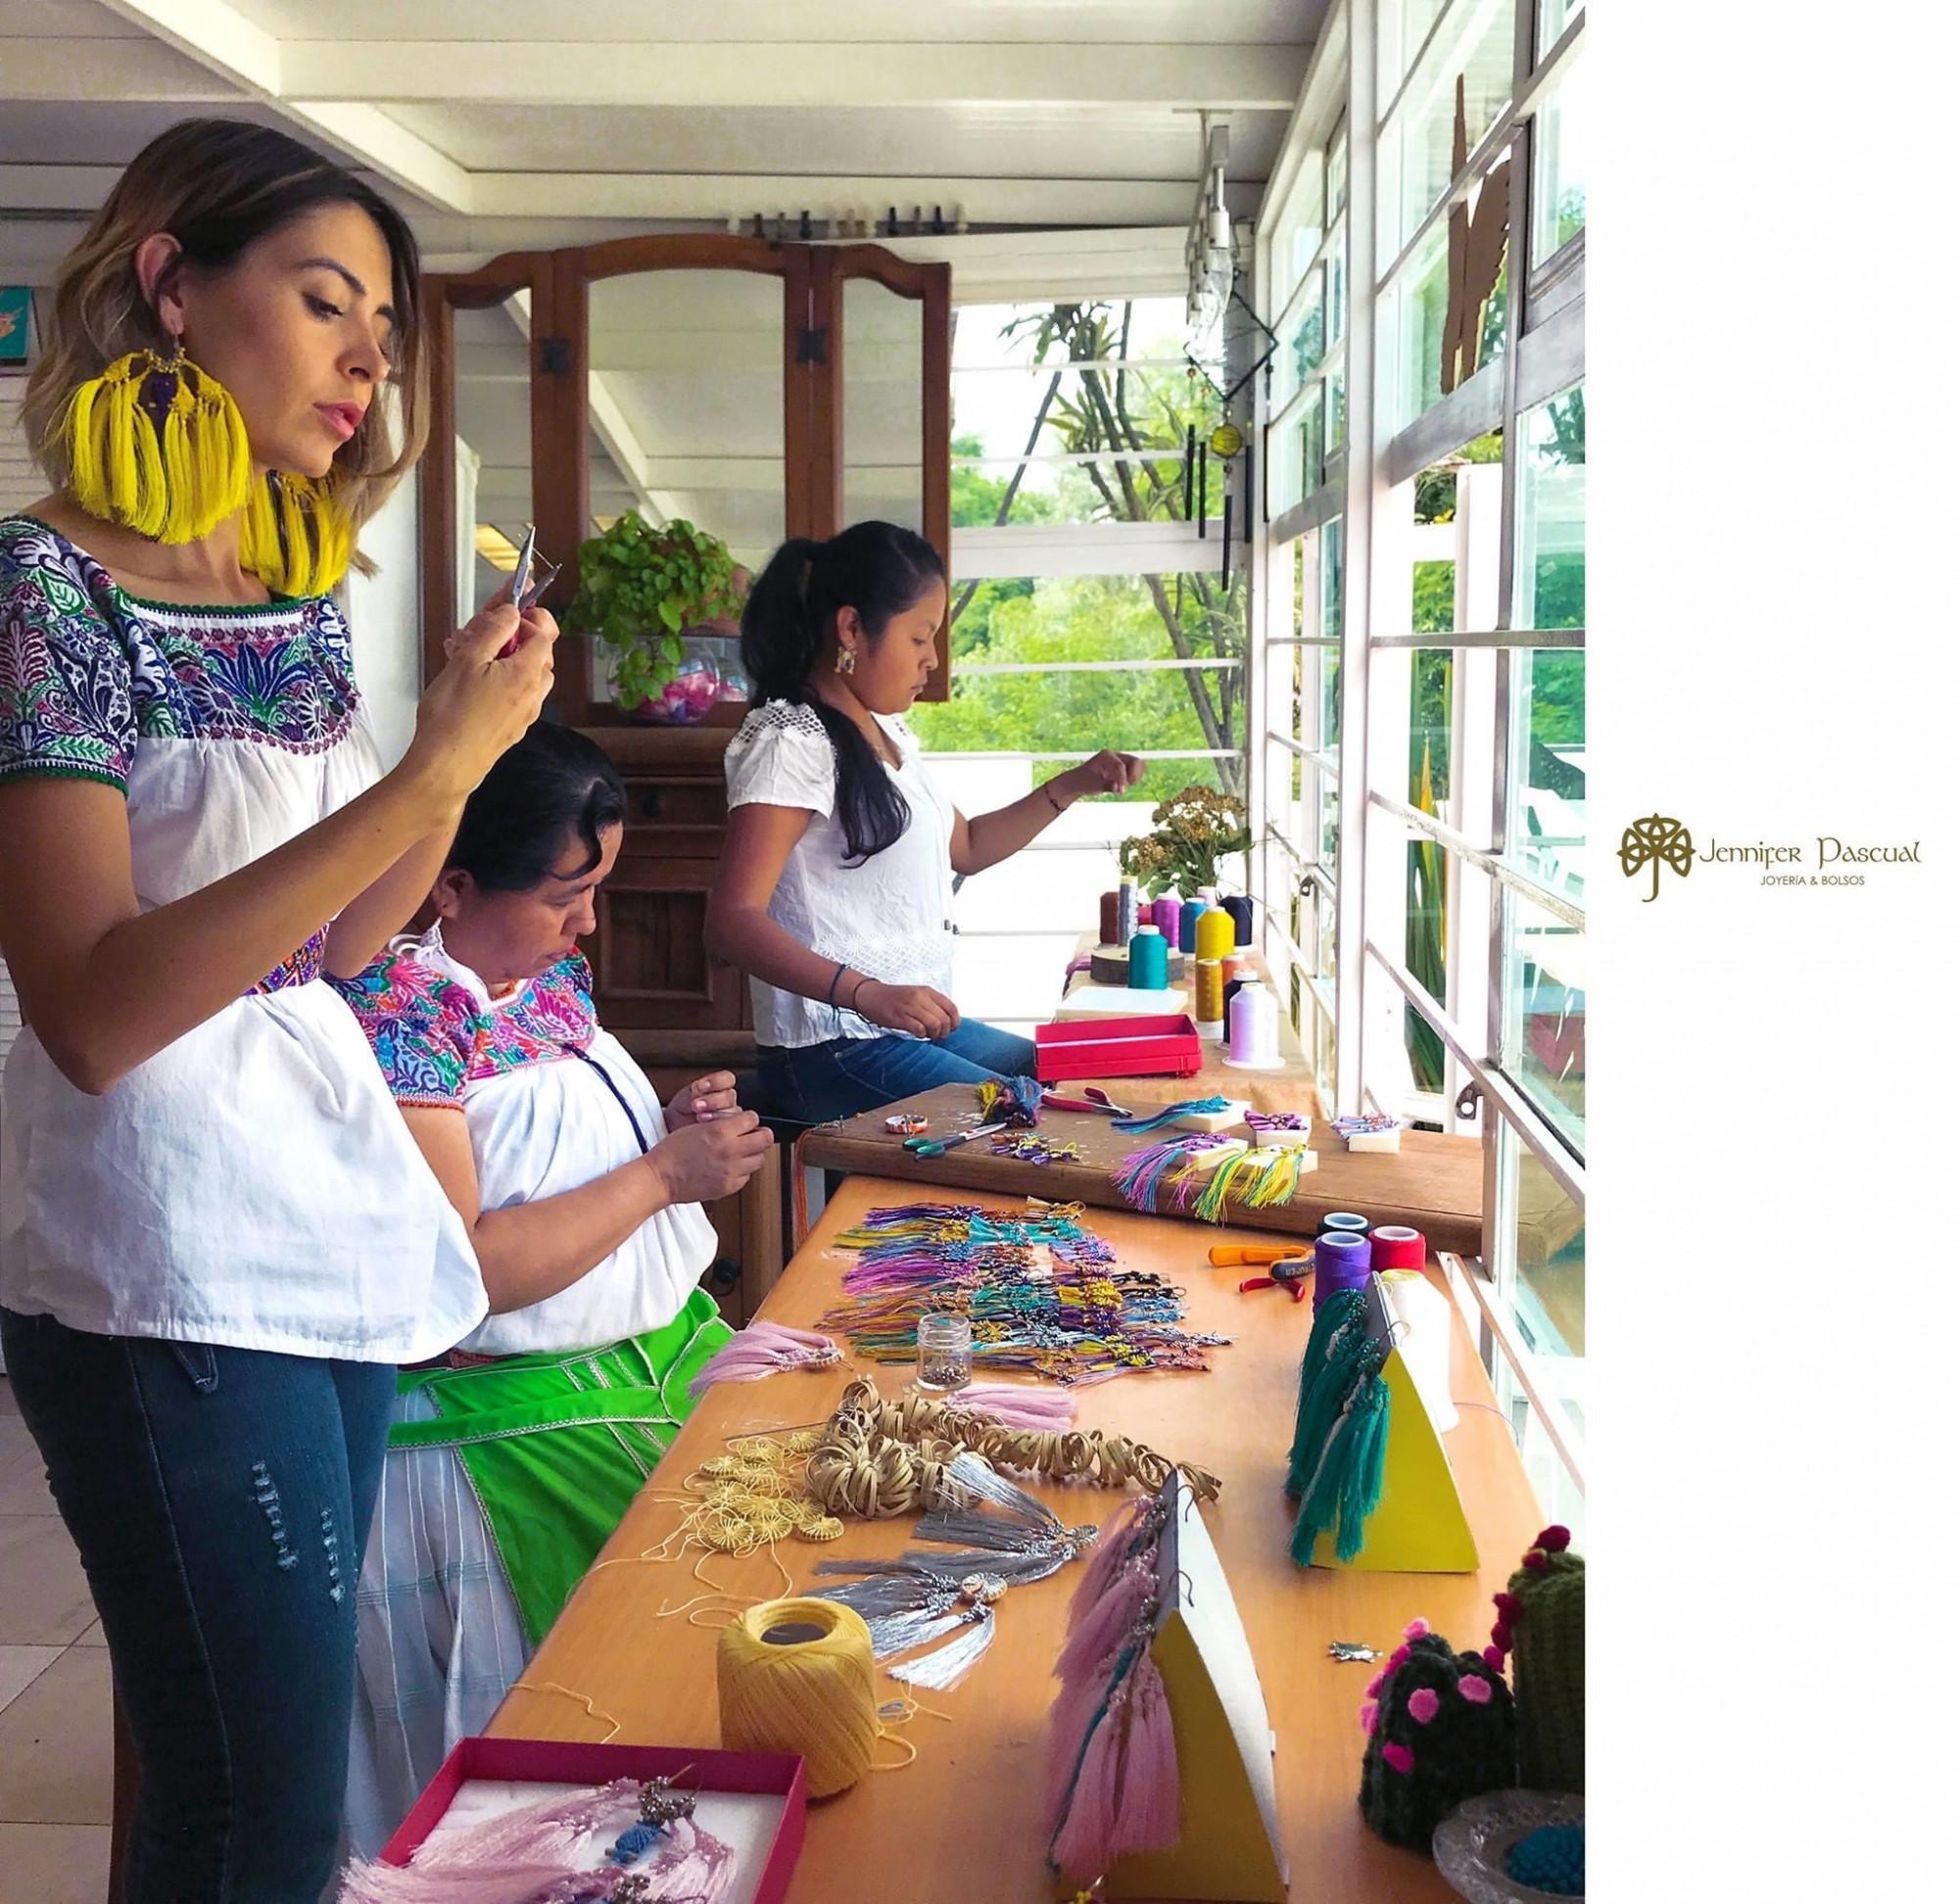 Jenny en su taller de creaciones artesanales con parte de su equipo de trabajo. (Cortesía de Jennifer Pascual)